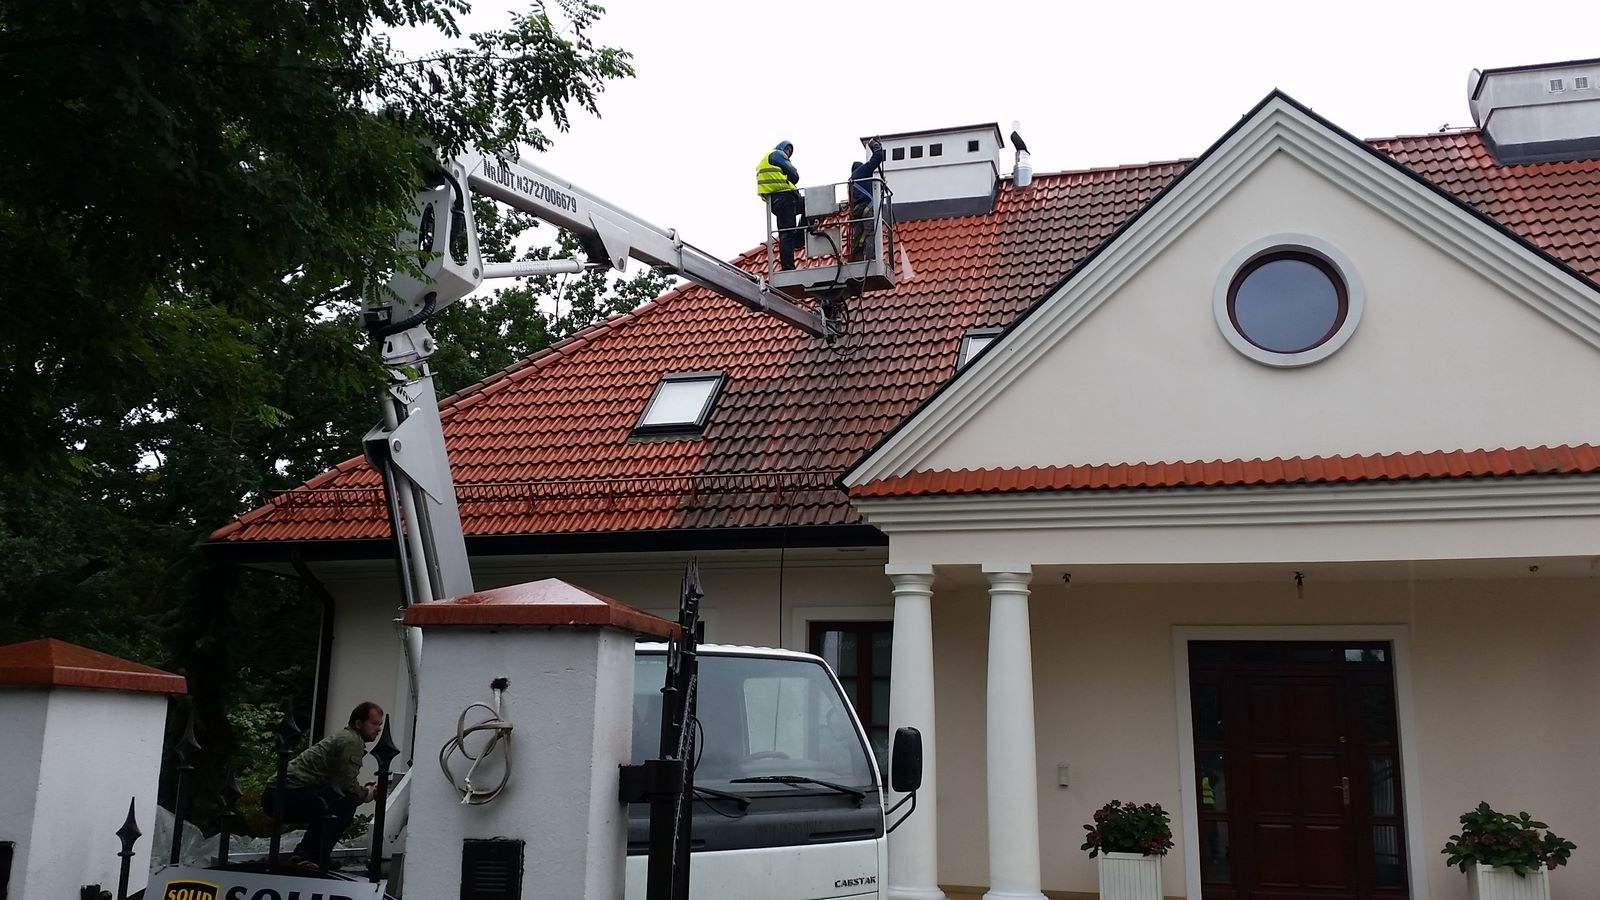 08. Czyszczenie dachu